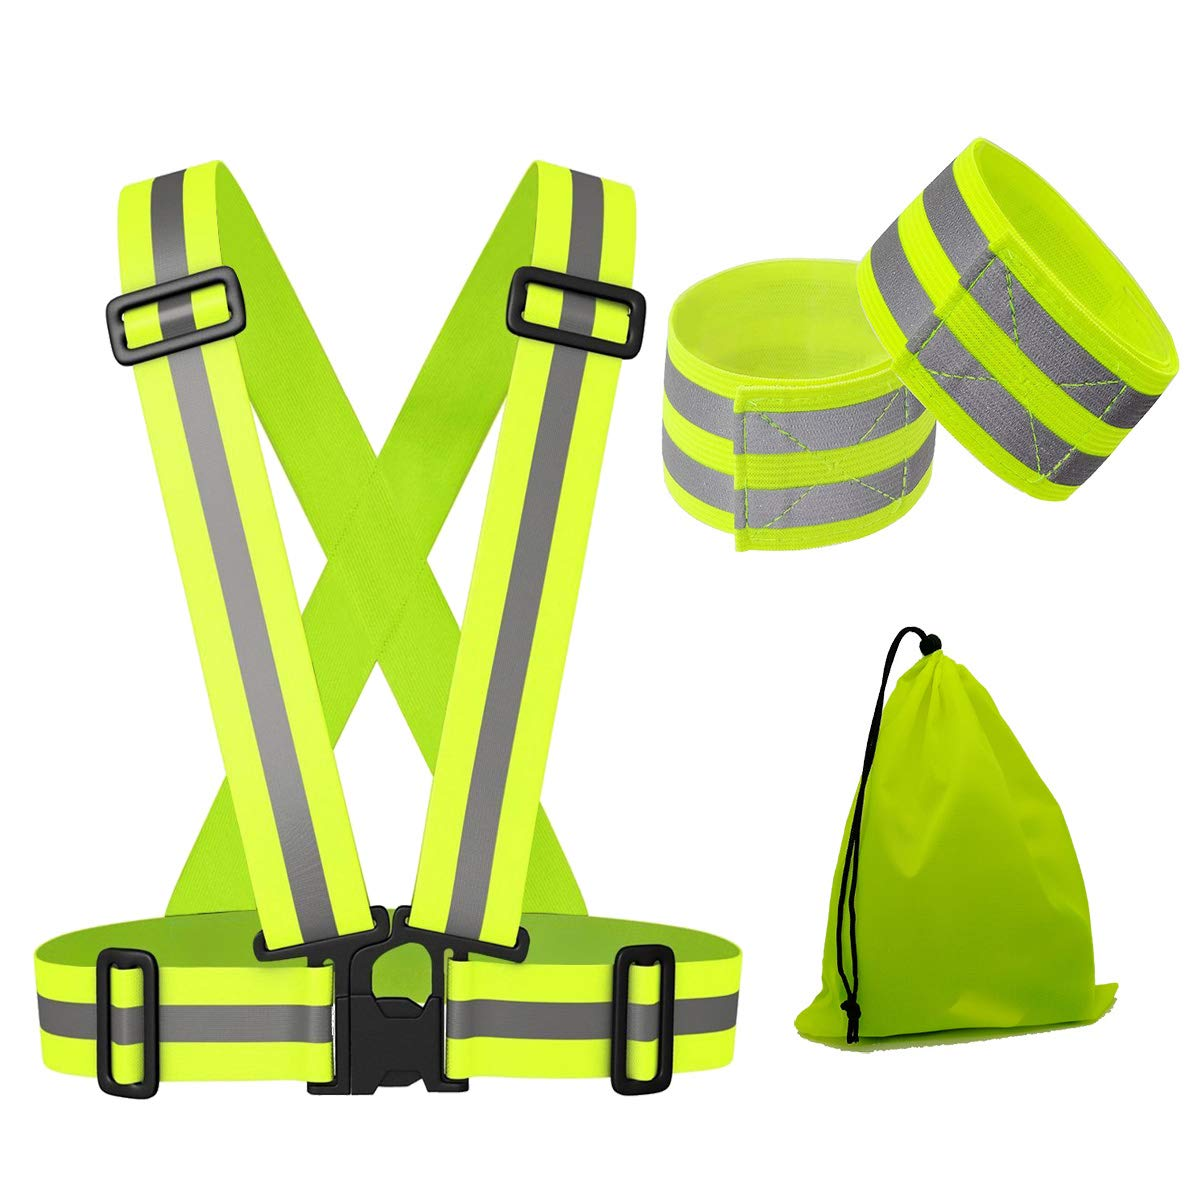 LCYQ Reflektierende Laufbekleidung, Sport und Reiten sehr gut sichtbar Warnweste (1 Reflektierende Weste + 2 Reflektierende Bänder +1 Aufbewahrungstasche)